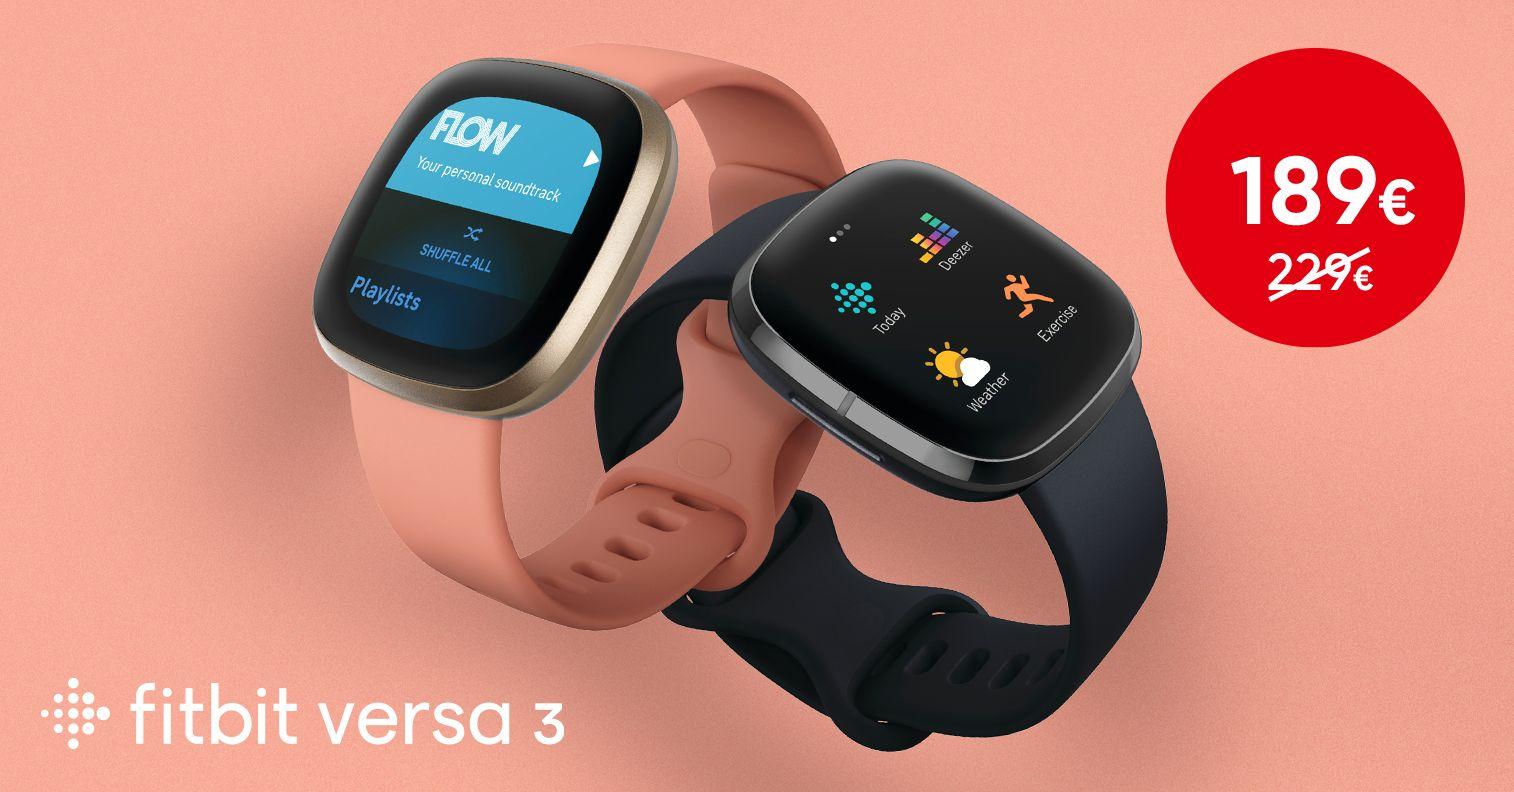 Kaunis ja võimekas Fitbit Versa 3 nutikell on suurepärase soodushinnaga